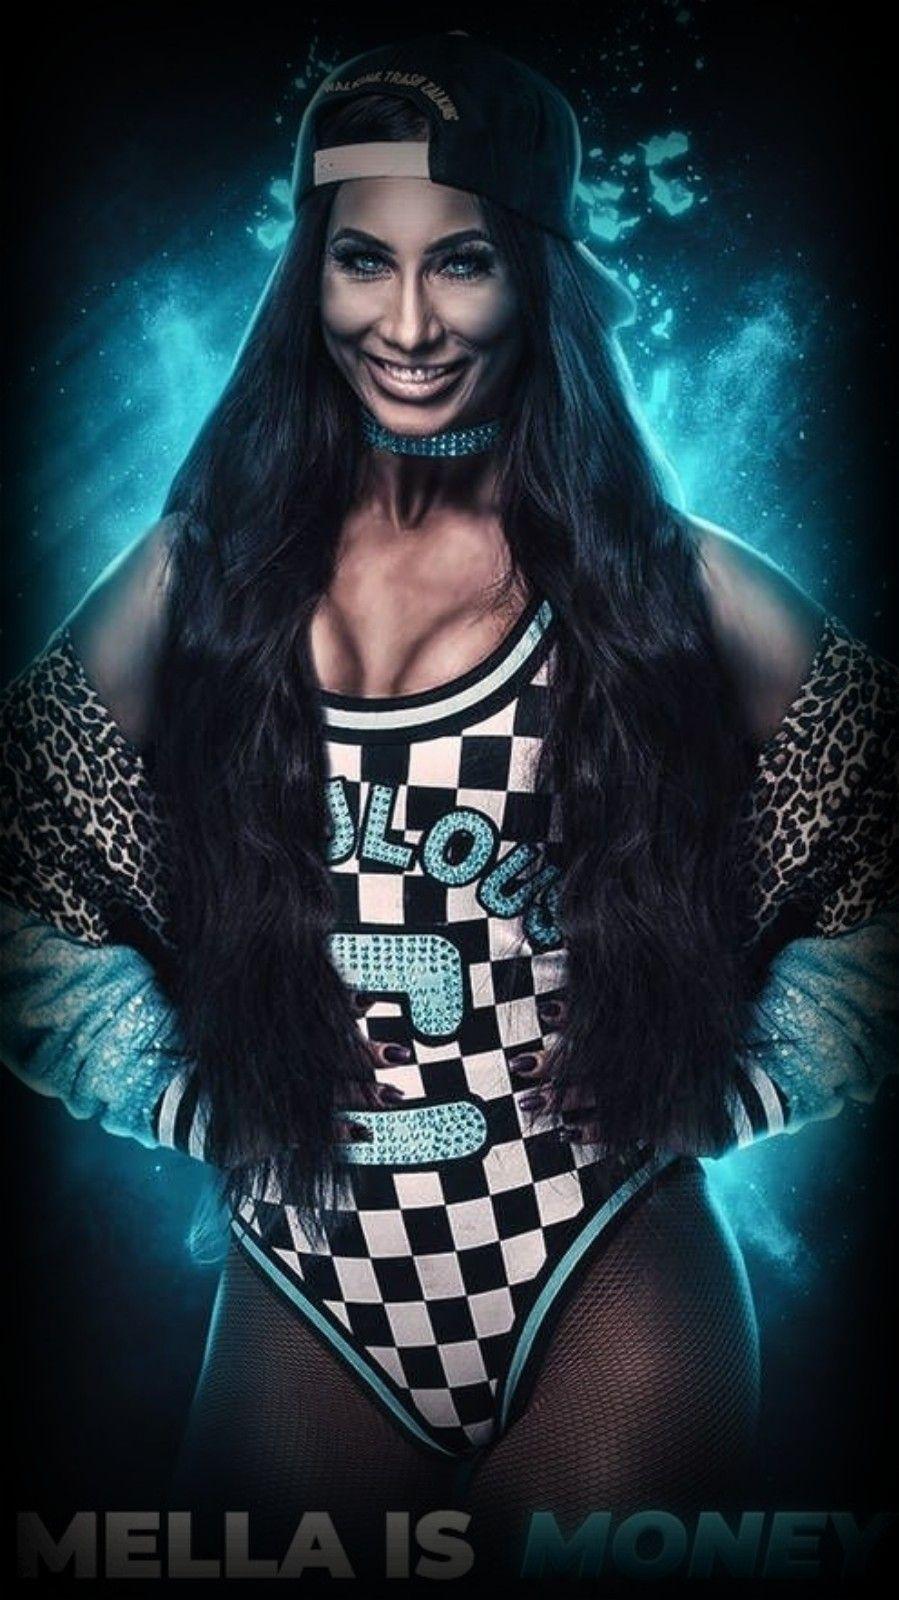 Mella Is Money Wallpaper 2 Carmella Wwe Wwe Female Wrestlers Wwe Girls